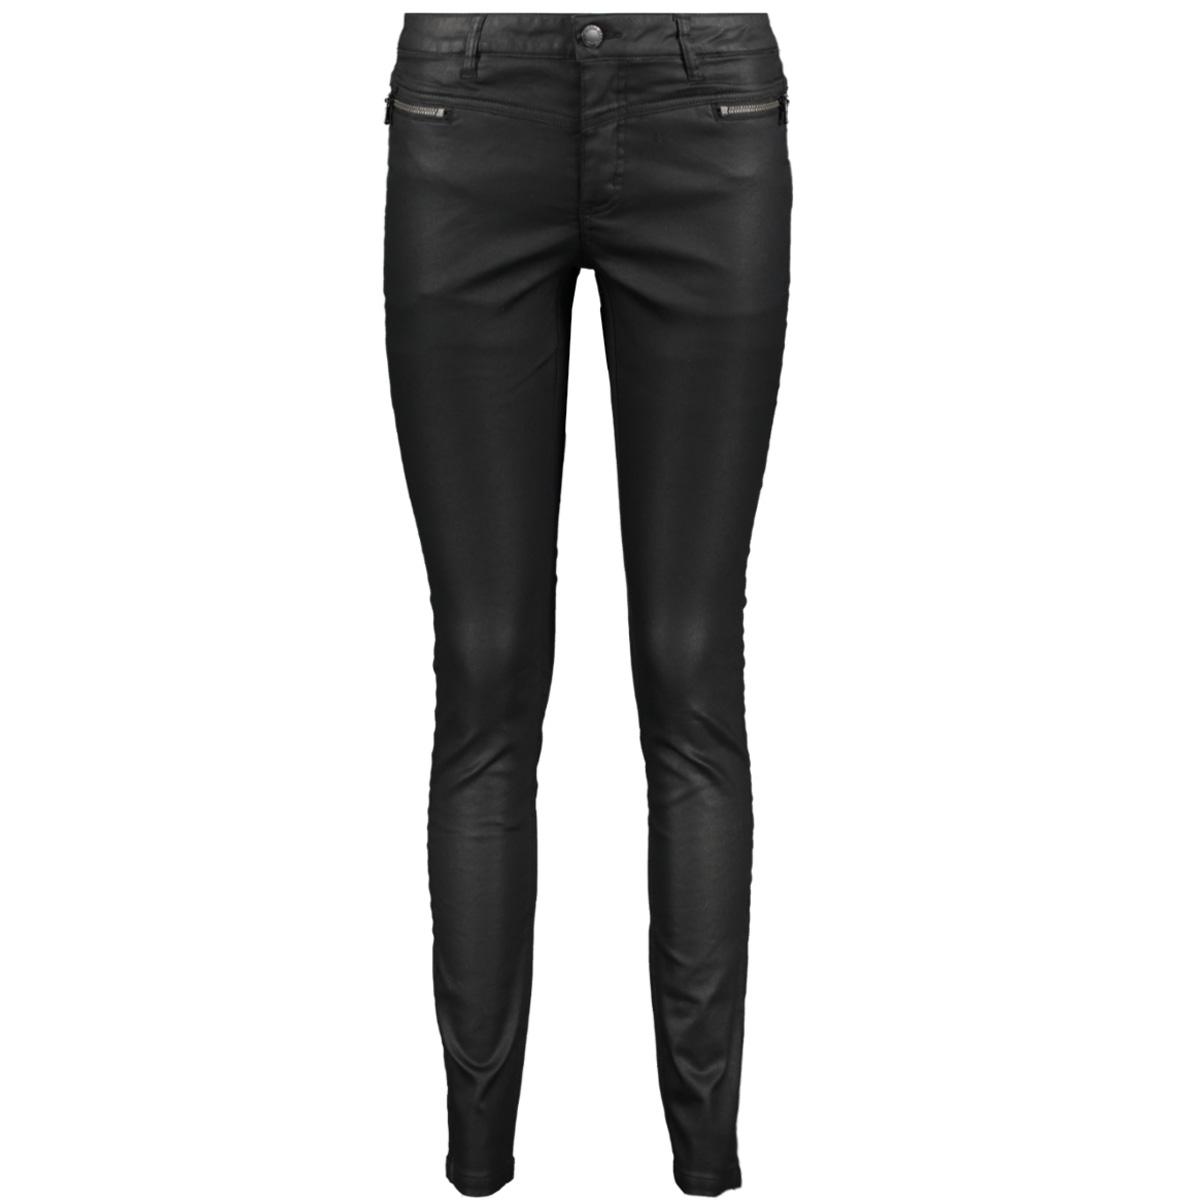 jeans 91804 10 geisha broek 000999 black